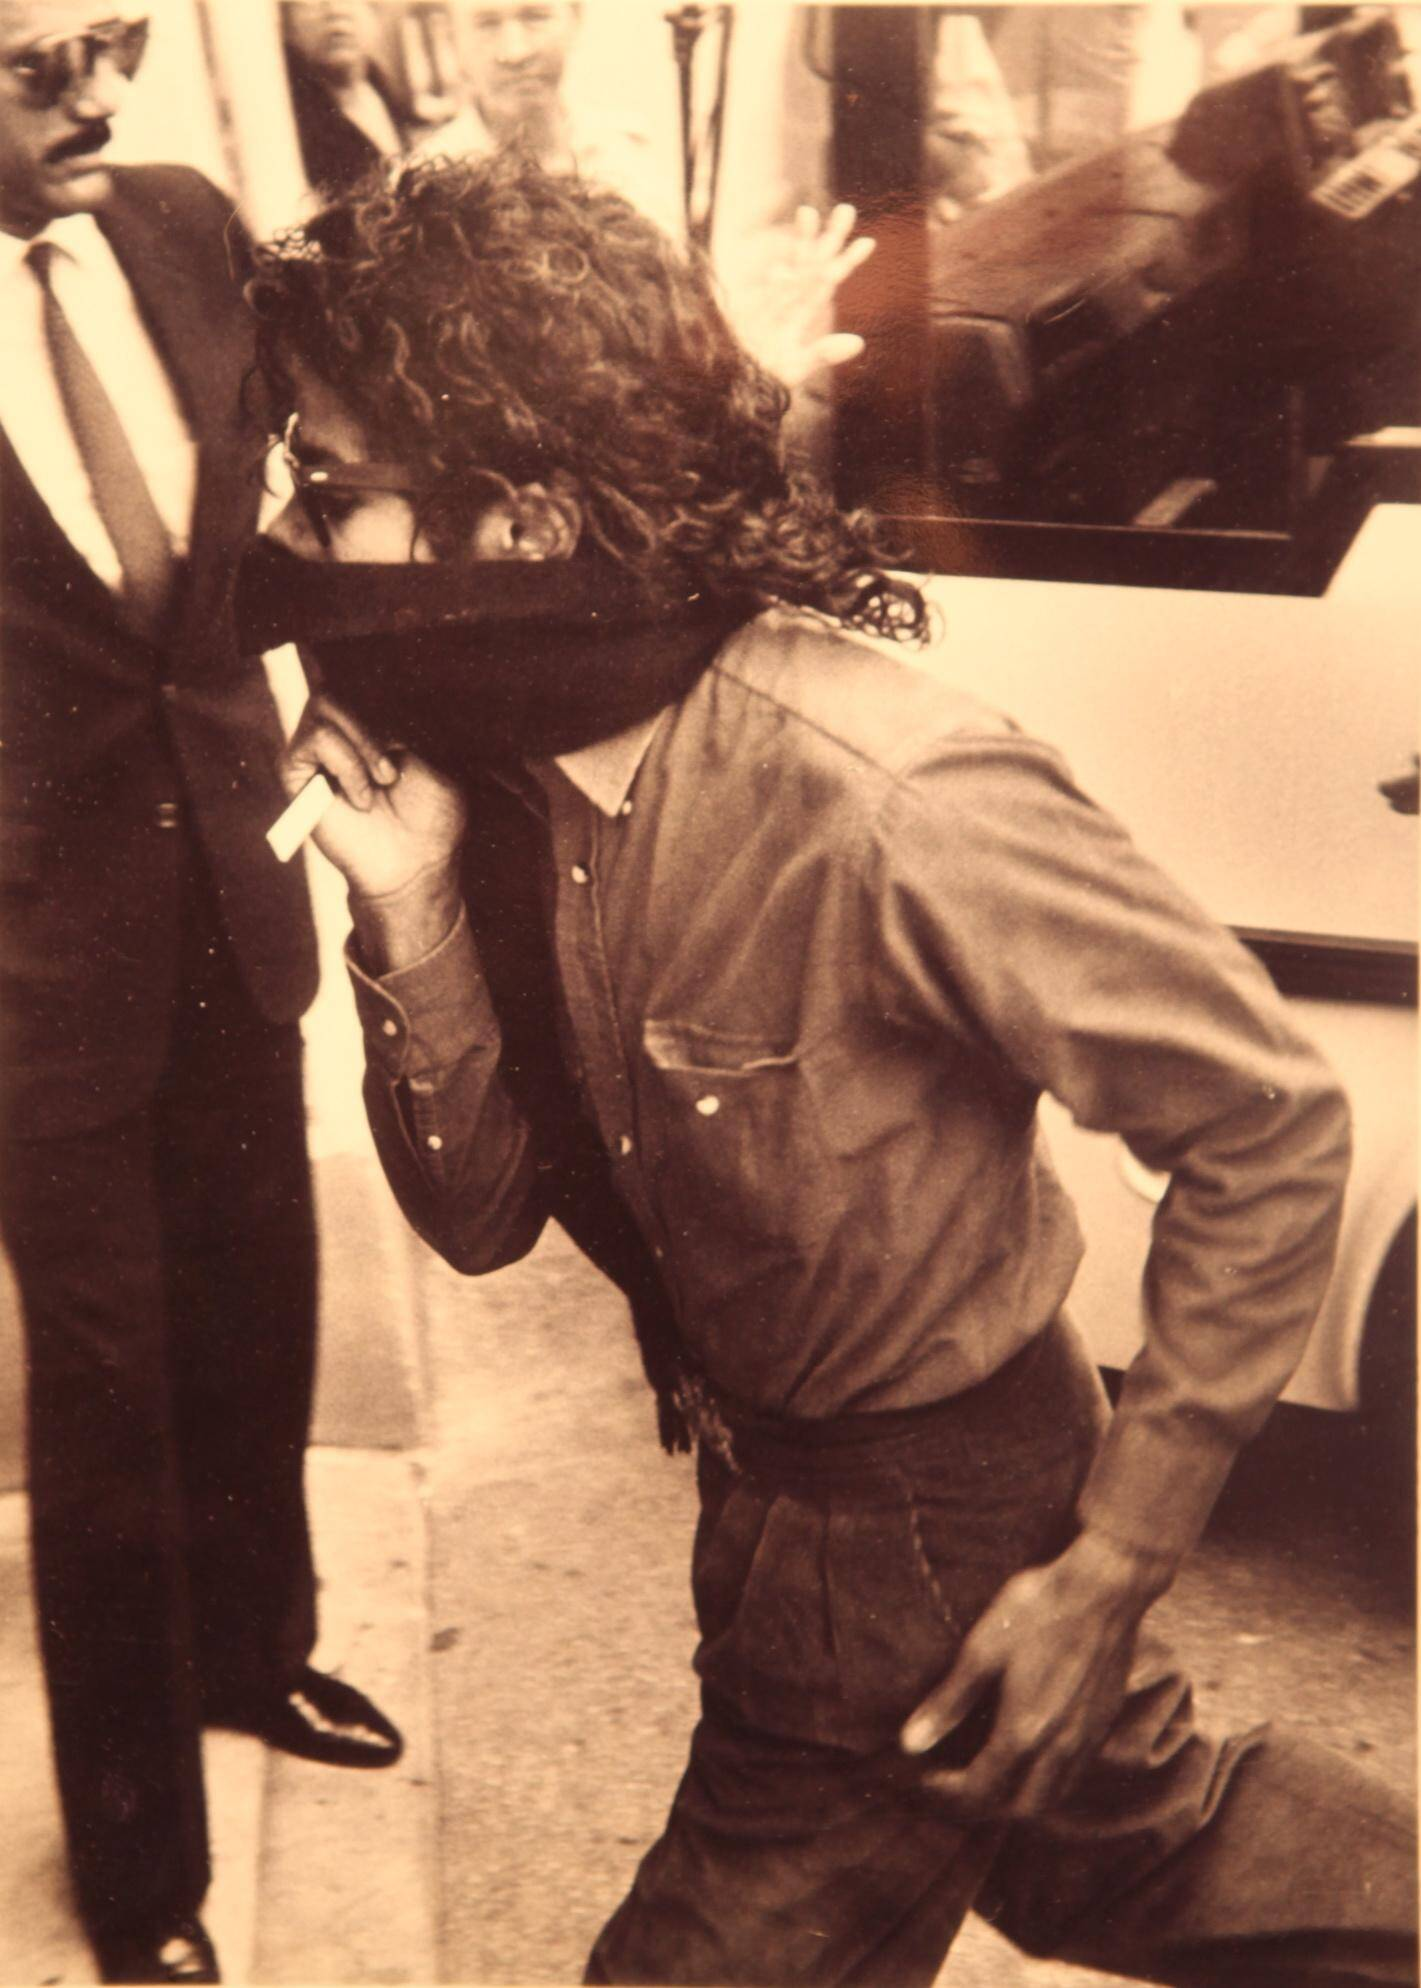 Août 1988 : Michael Jackson s'engouffre en mode Zorro au Negresco, par l'entrée de service, sur ce cliché transmis par le directeur du palace à l'époque, Michel Palmer.